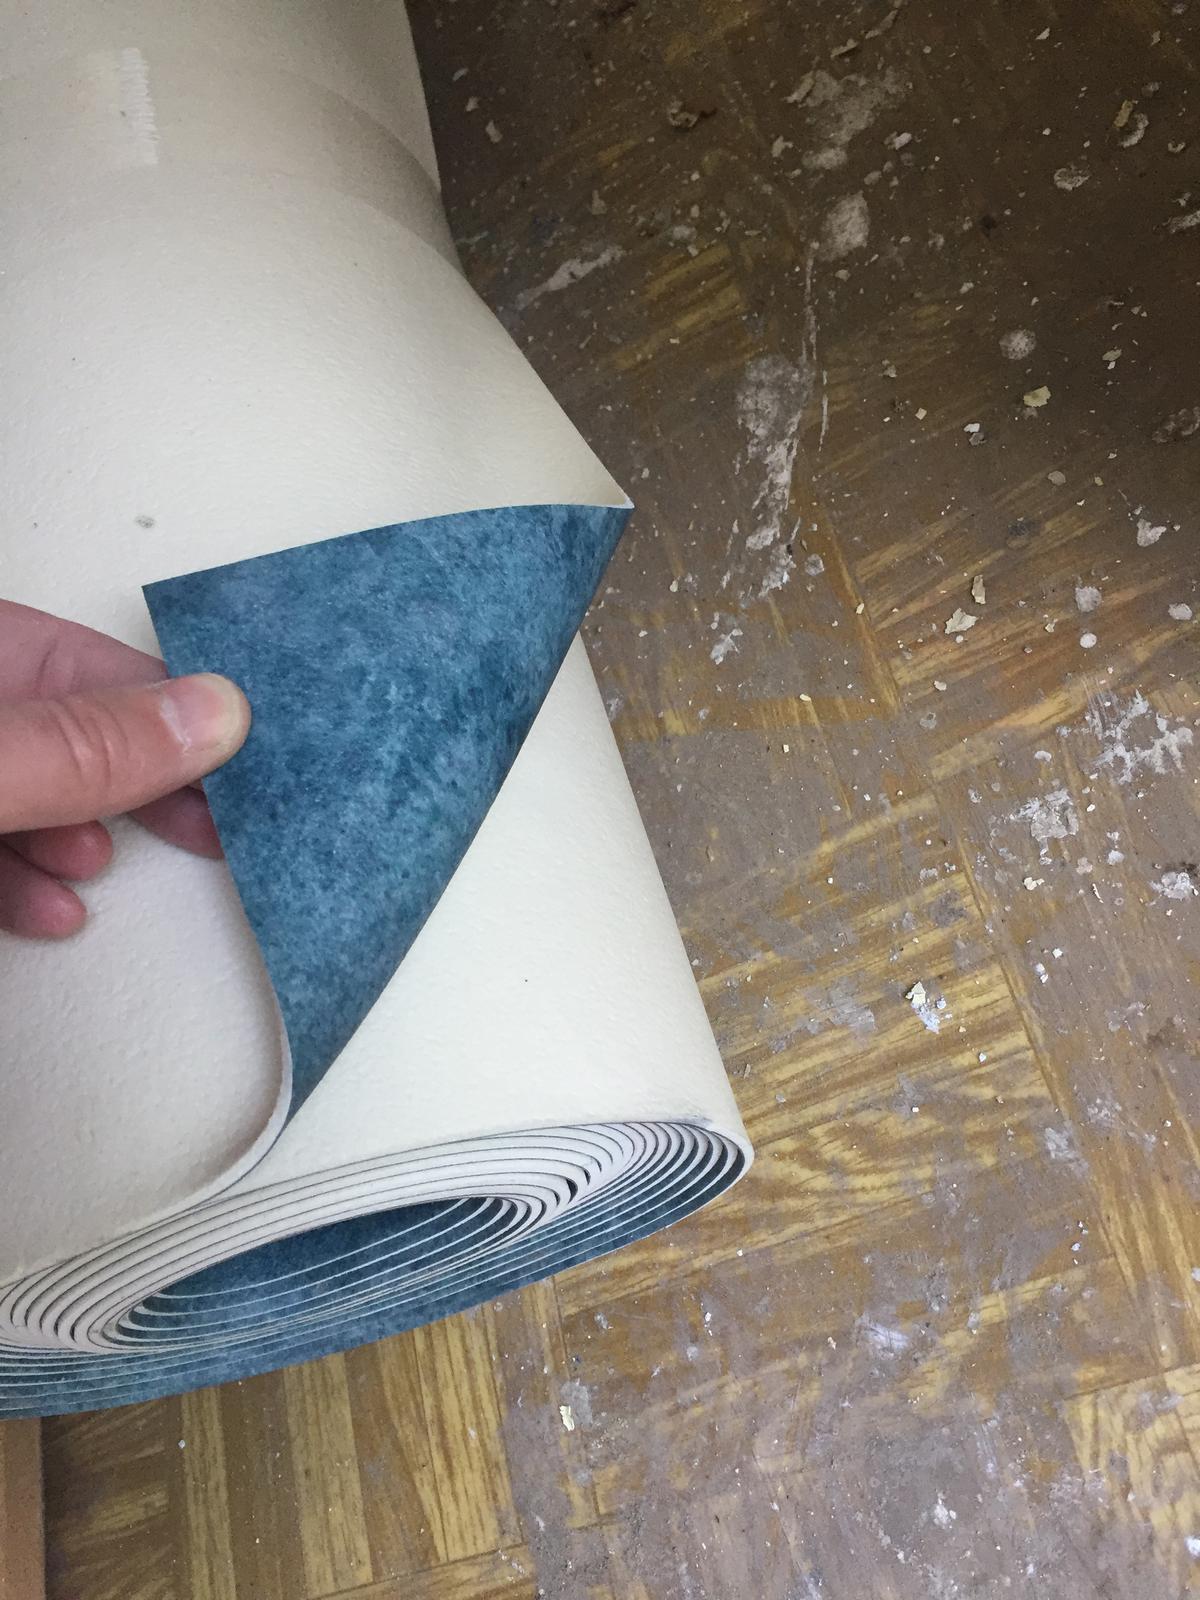 Perníková chalúpka - vybraná podlaha - drevodekor sme zamietli, a vybrali toto - úúúplne mimo všetkého, ale myslím že práve preto to tam bude fajn